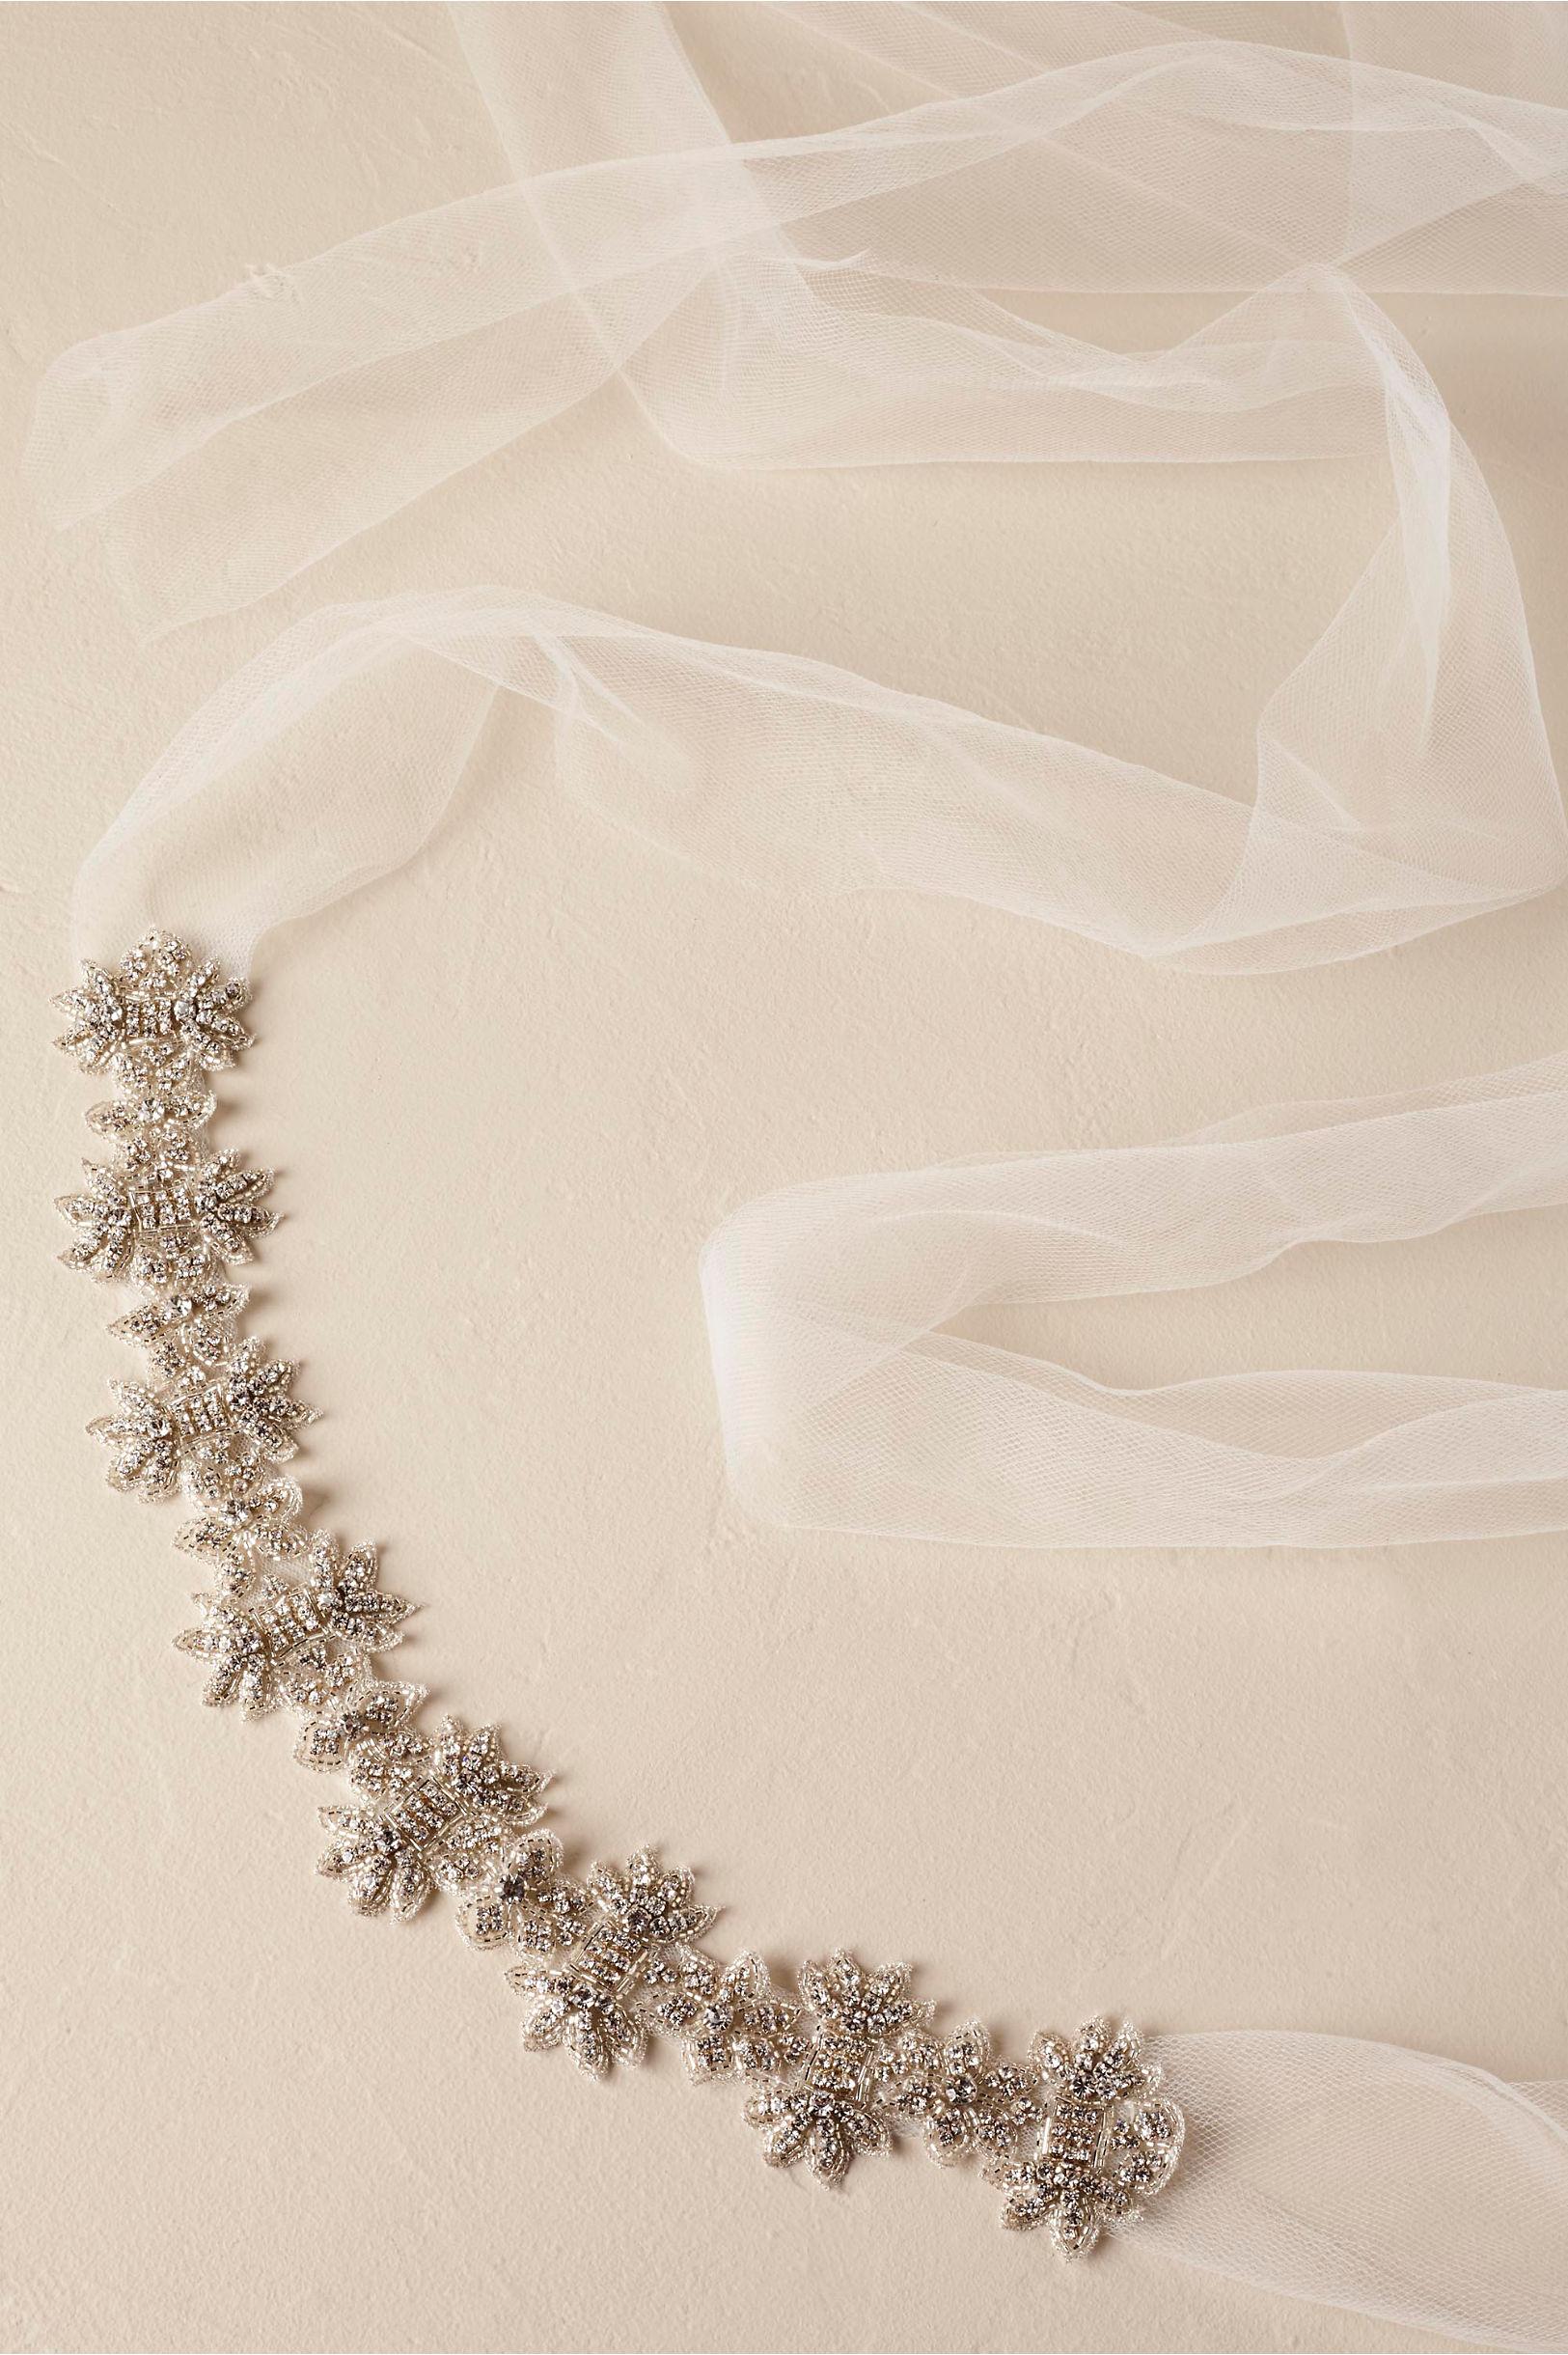 Wedding Dress Belts Bridal Sashes